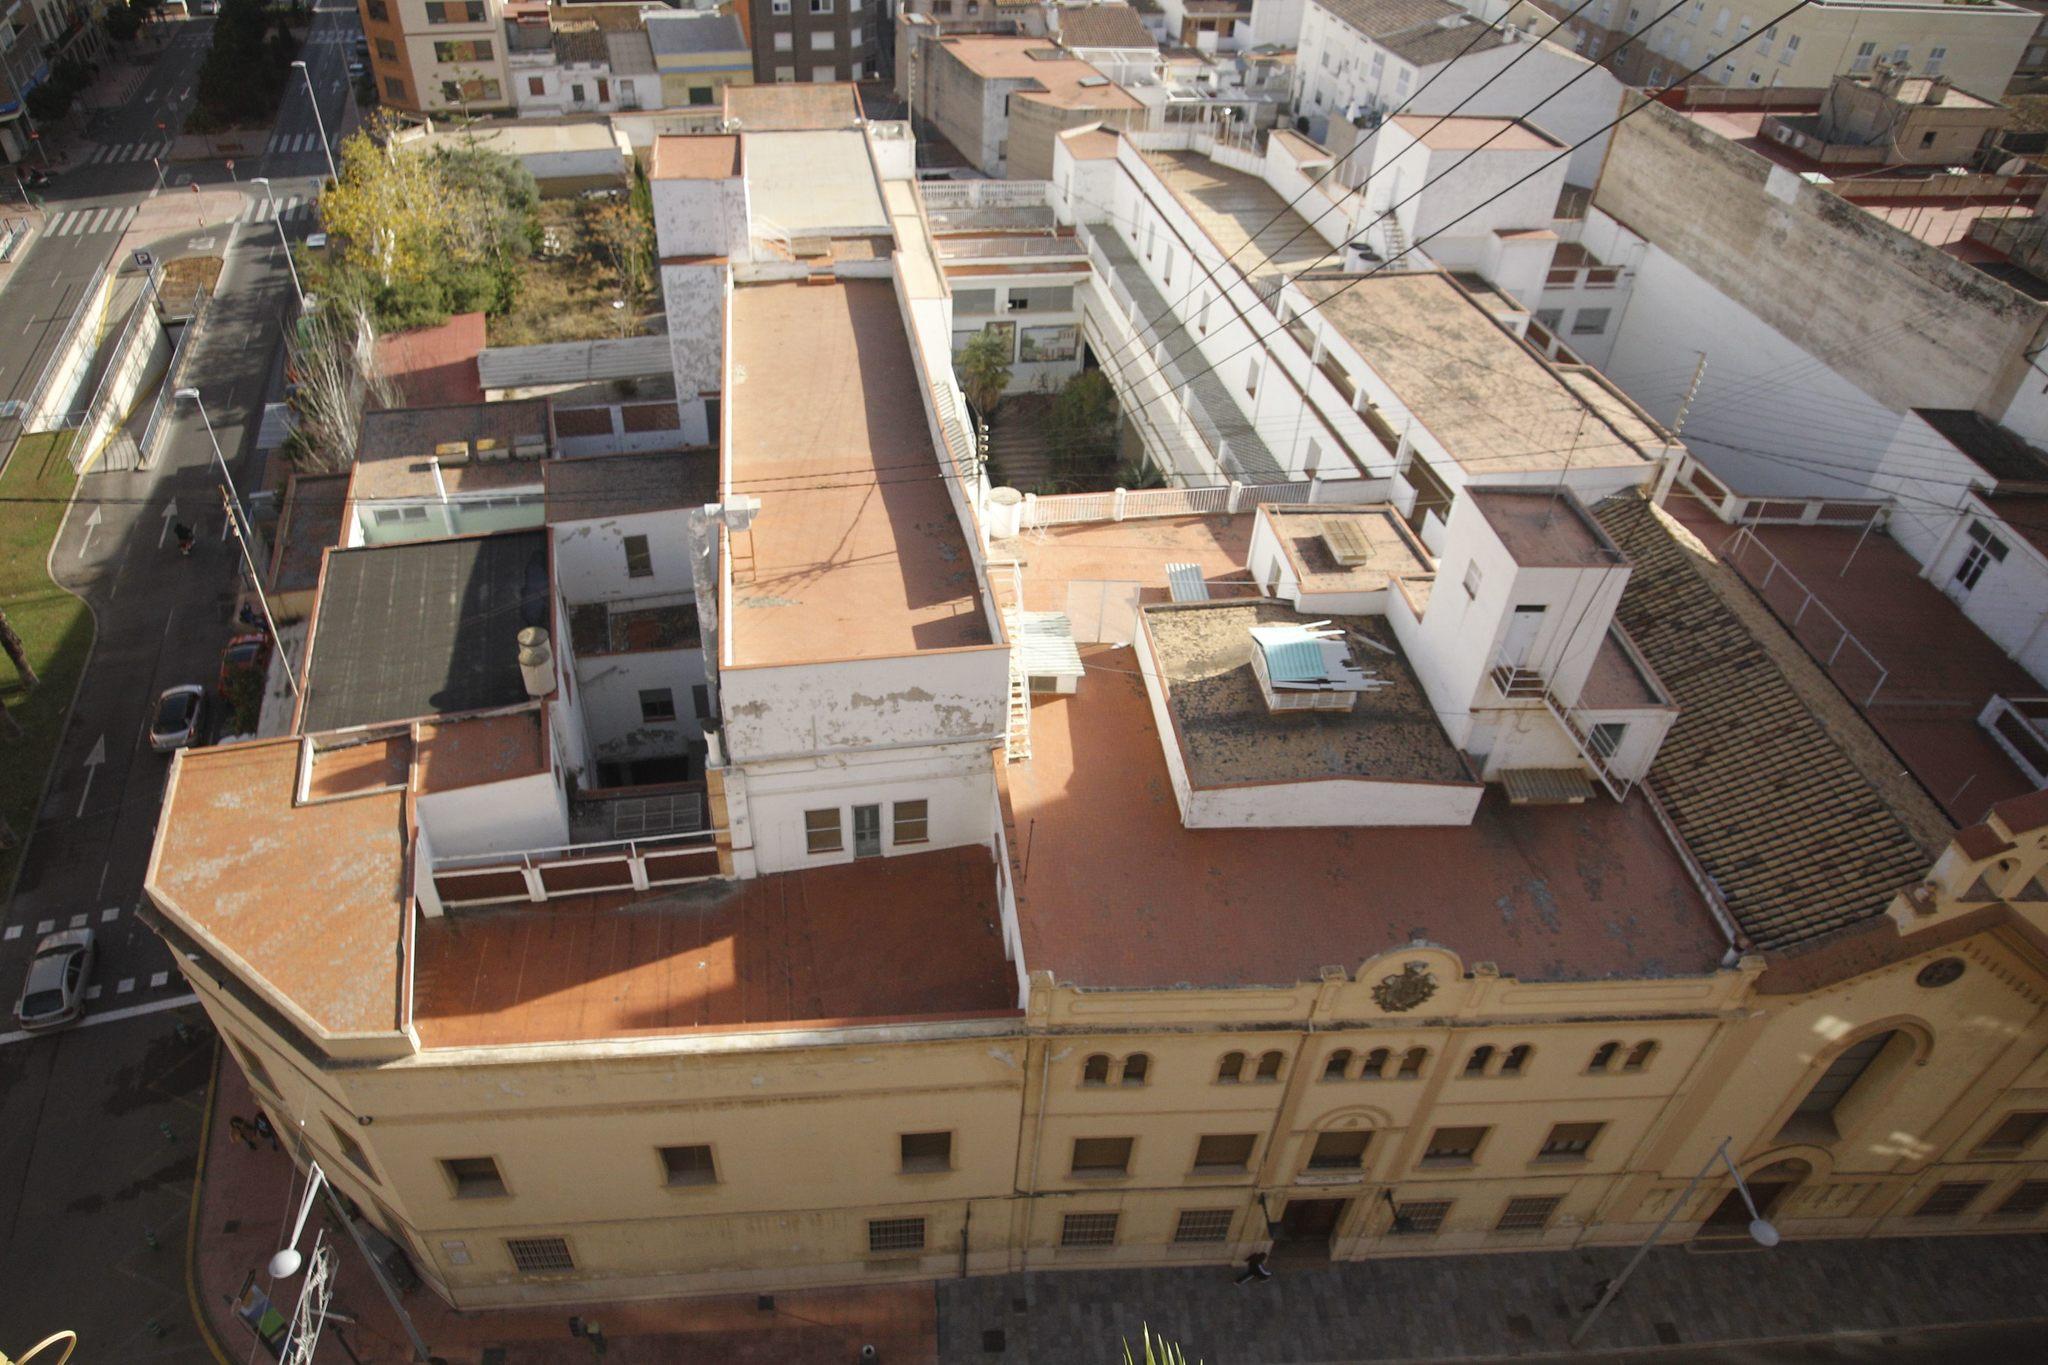 Vistá aérea del asilo sobre el que se han vuelto a poner las miras para construir un nuevo ayuntamiento.